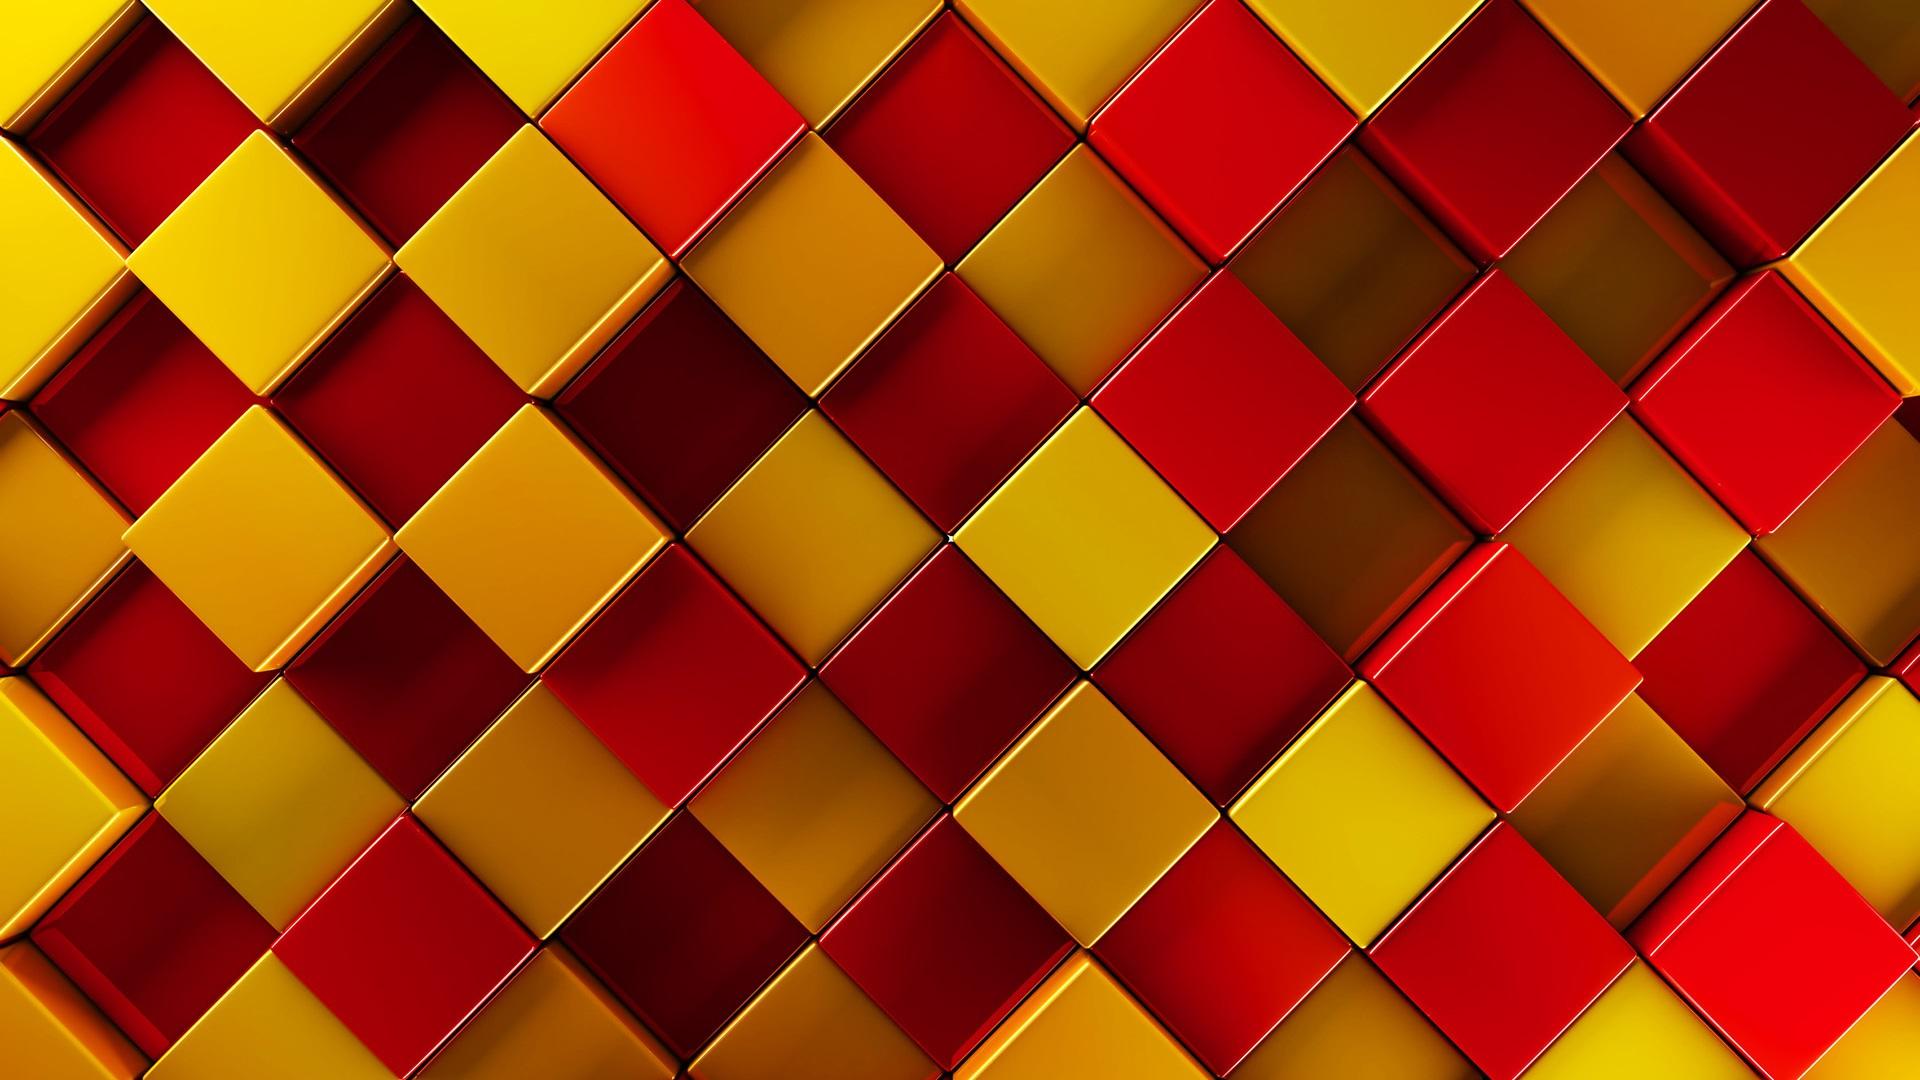 Fondo Fondos De Pantalla Verde Amarillo Y Rojo: Fondos De Pantalla 3D Cuadrados, Rojo, Amarillo, Marrón